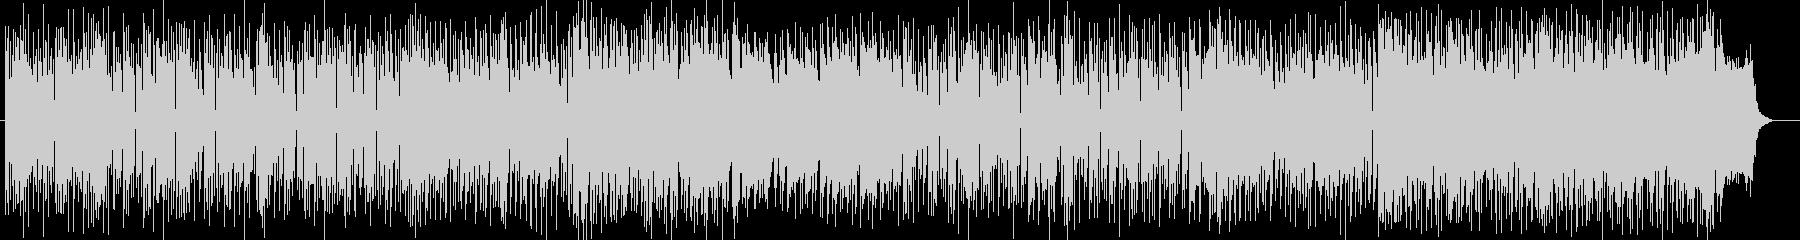 ドラマチックなピアノポップスサウンドの未再生の波形